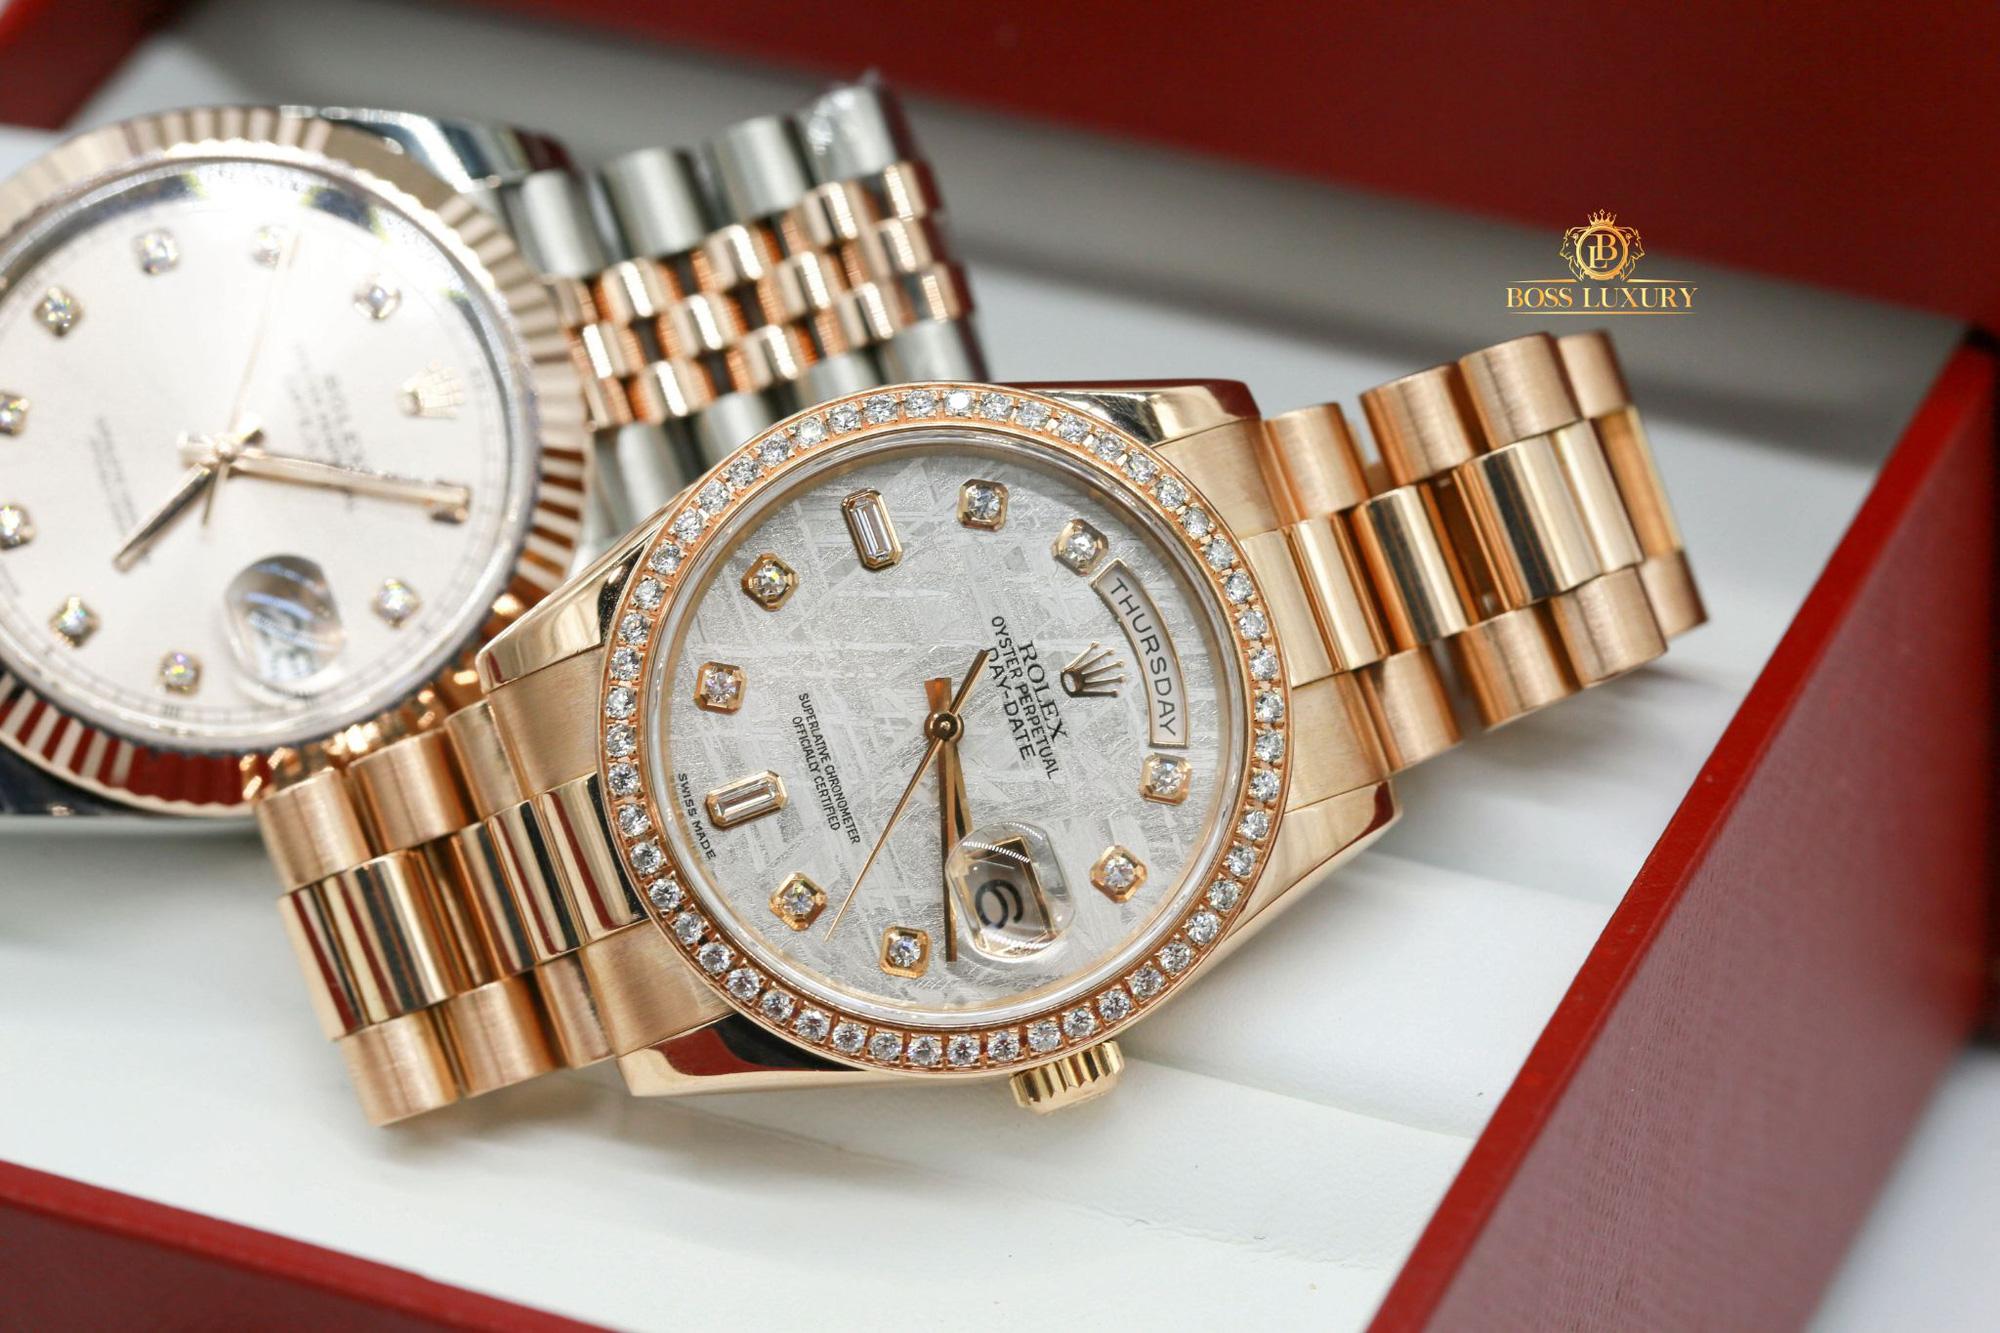 """Boss Luxury """"bật mí"""" bí quyết nâng tầm phong cách với đồng hồ Rolex kim cương lấp lánh - Ảnh 2."""